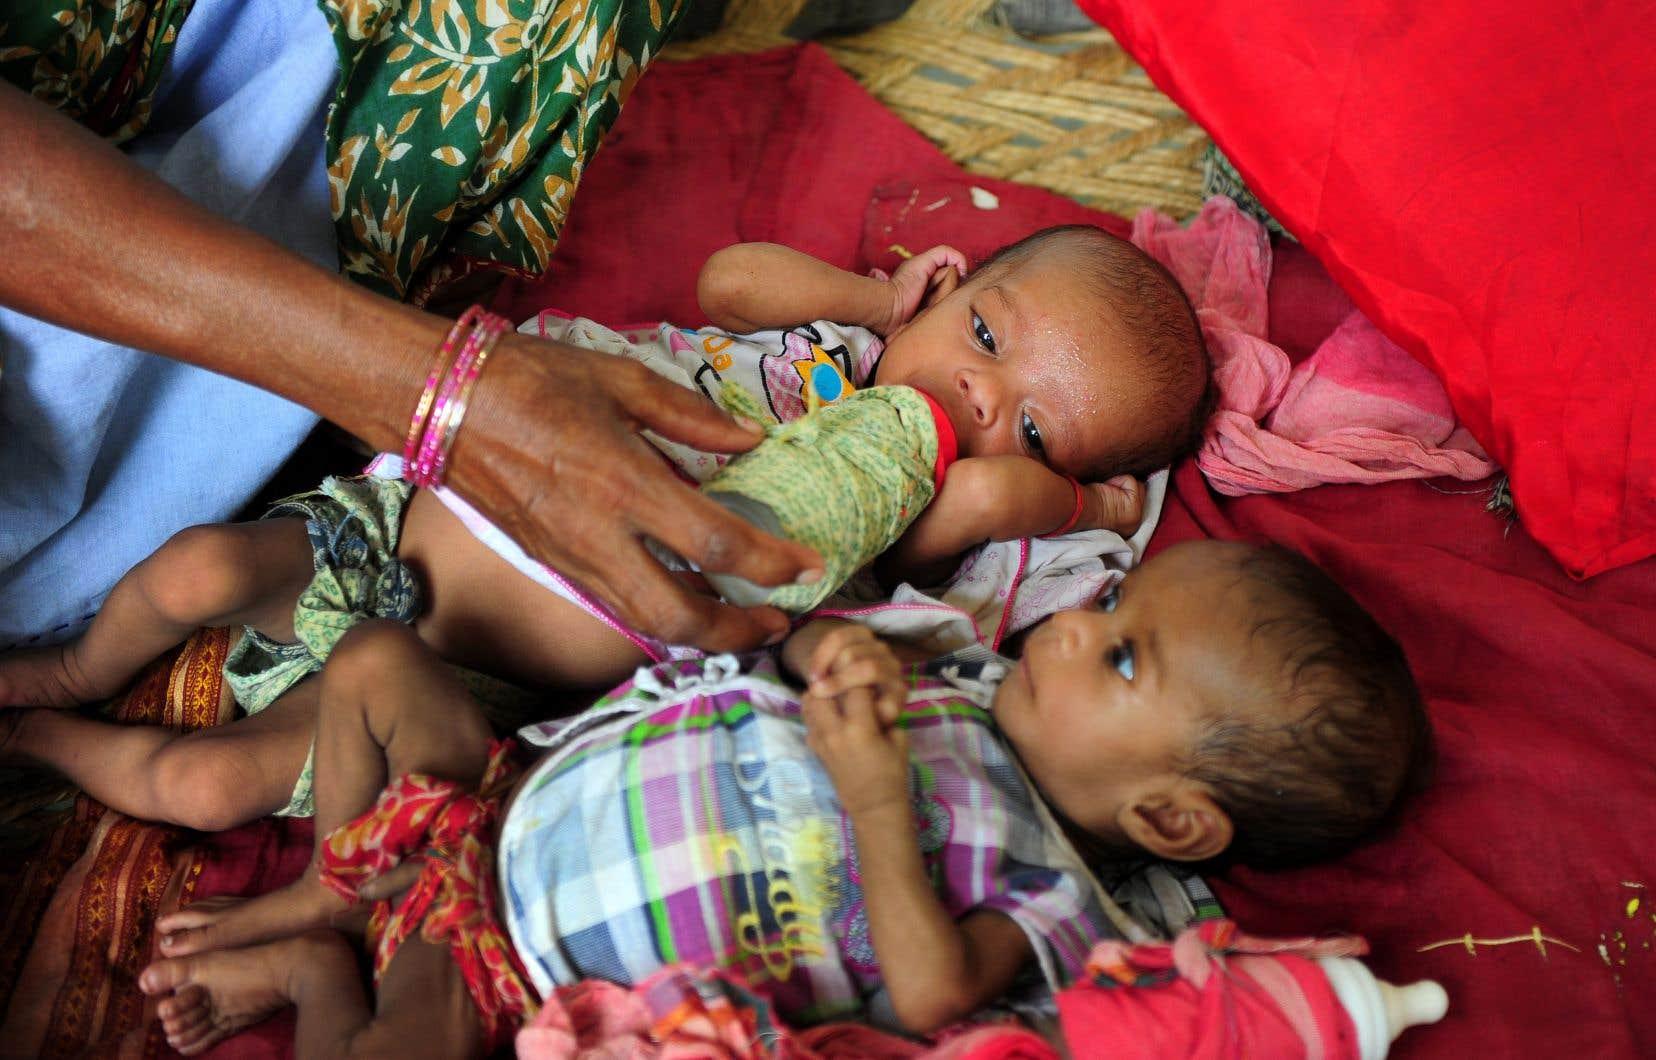 Il y a un millier de jumeaux pour 11000 habitants danscette petite ville en Inde.